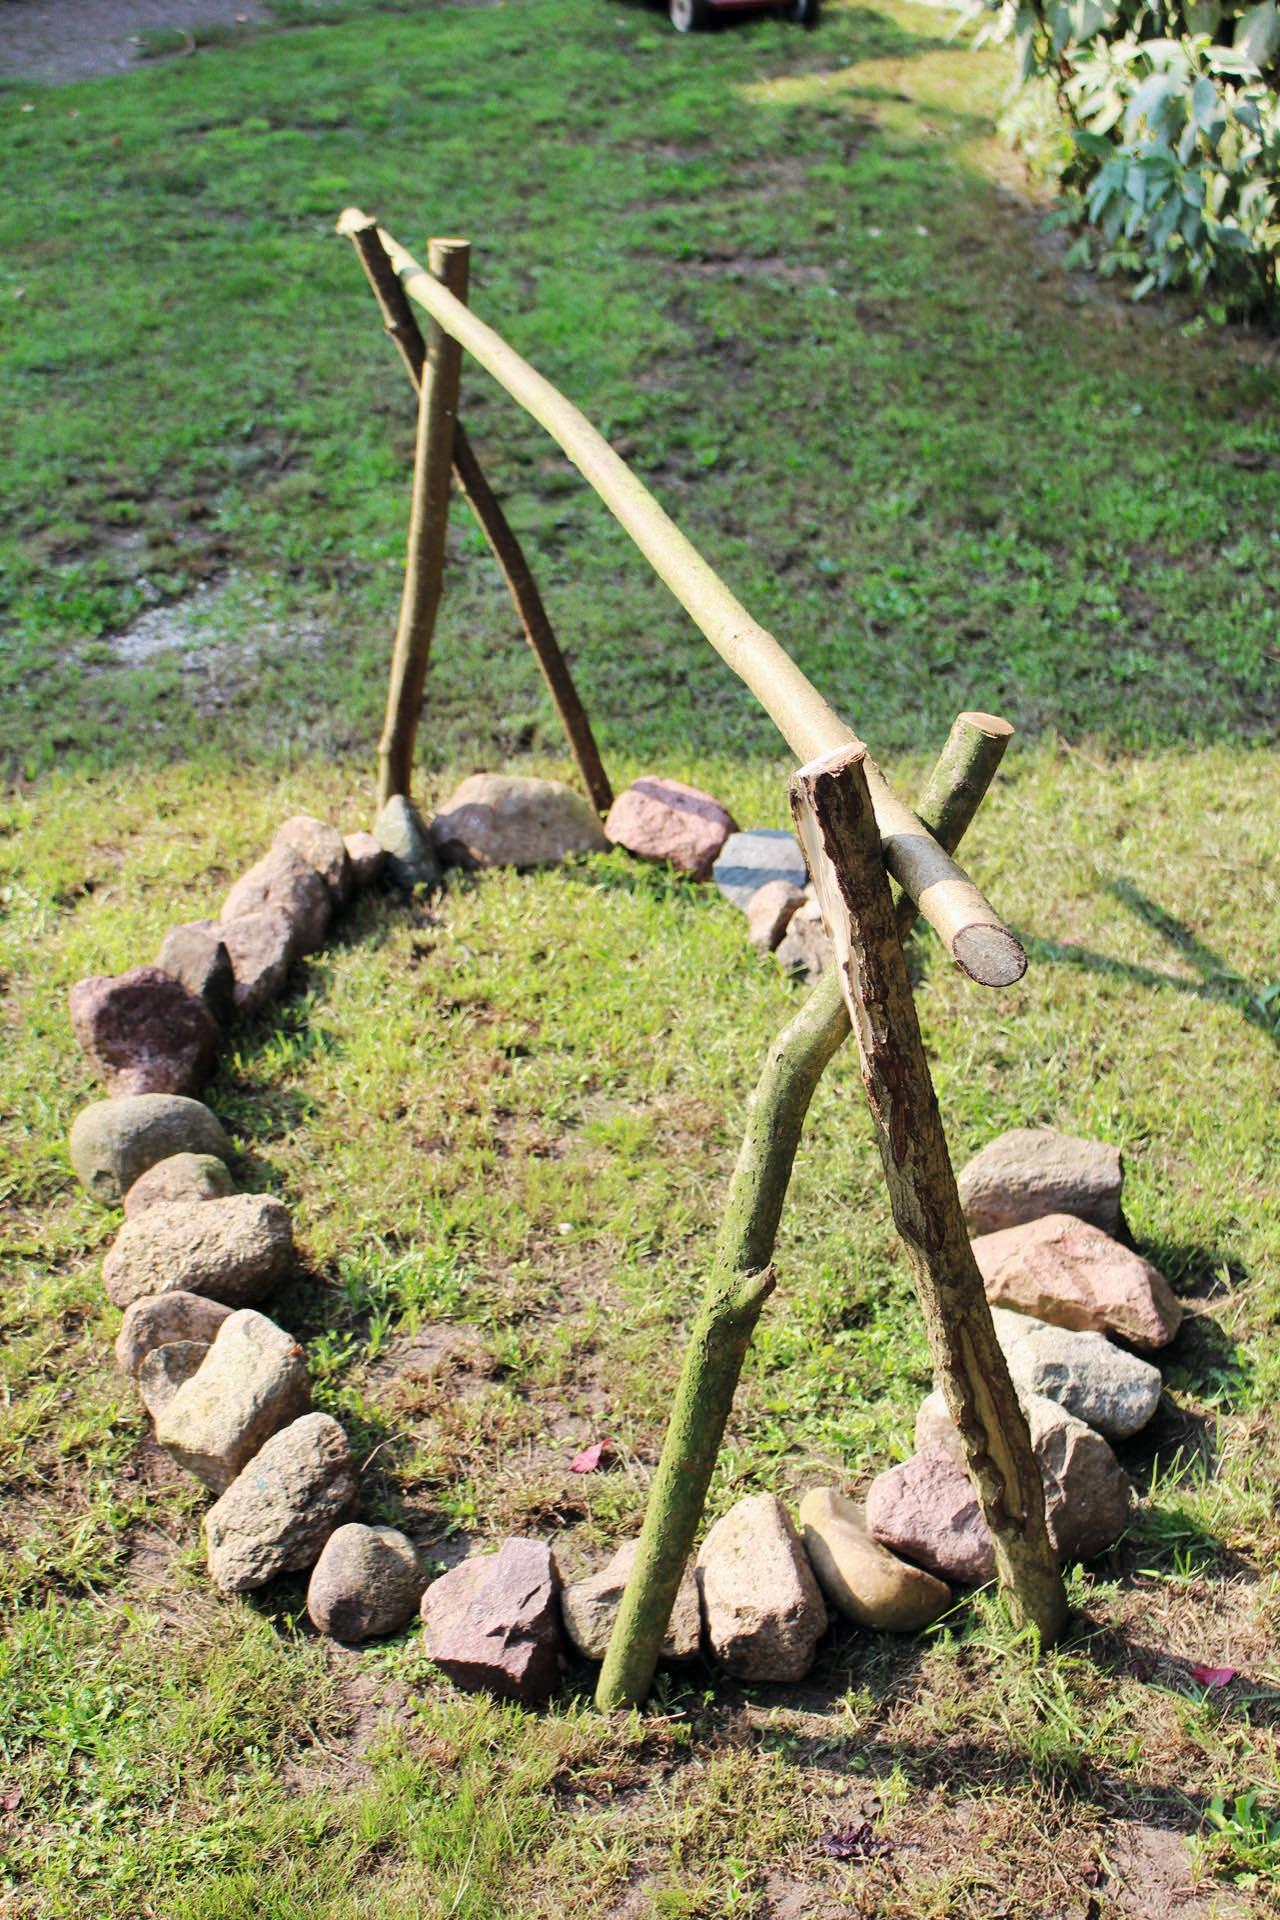 Gestell: hierfür finden Hasel- oder Buchenäste Verwendung. Wichtig: Diese müssen grün sein! Vier dieser Äste werden etwa 25 Zentimeter tief in den Boden getrieben. Auch wenn es nicht so aussieht, dieses Gestell gibt für unser Vorhaben ausreichend Halt.